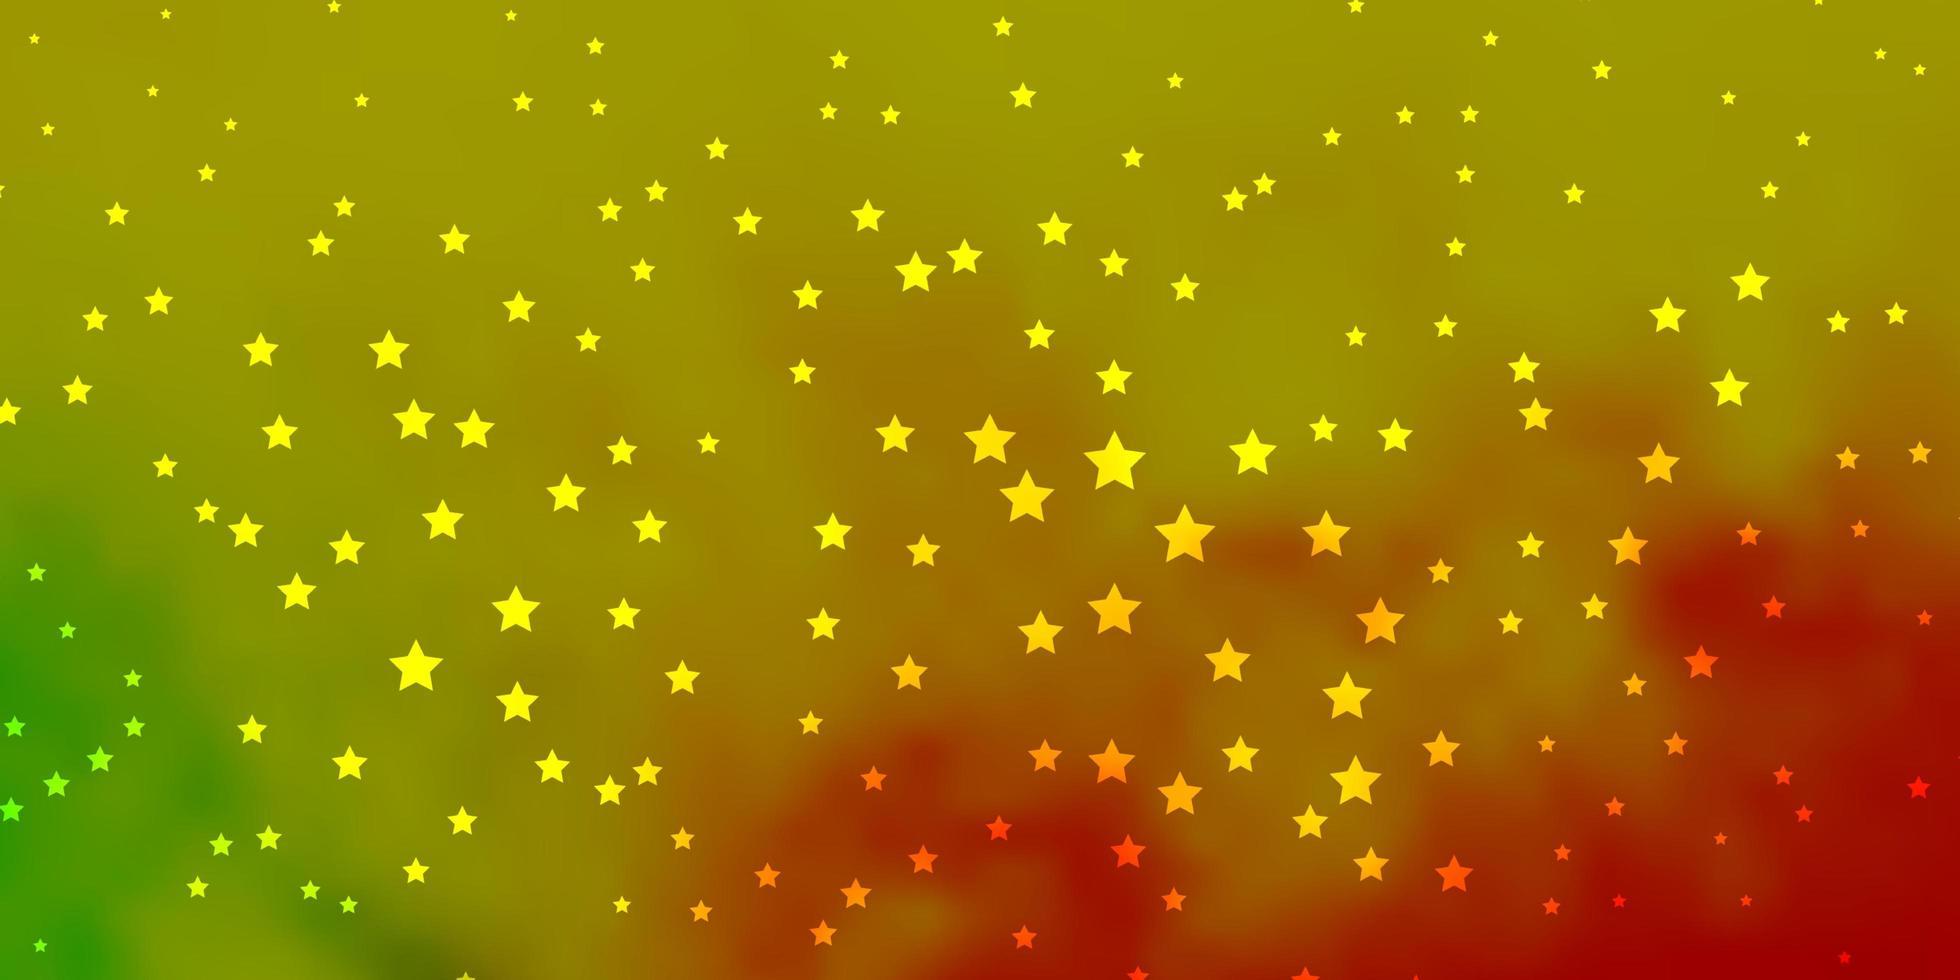 modelo de vetor vermelho e amarelo escuro com estrelas de néon.